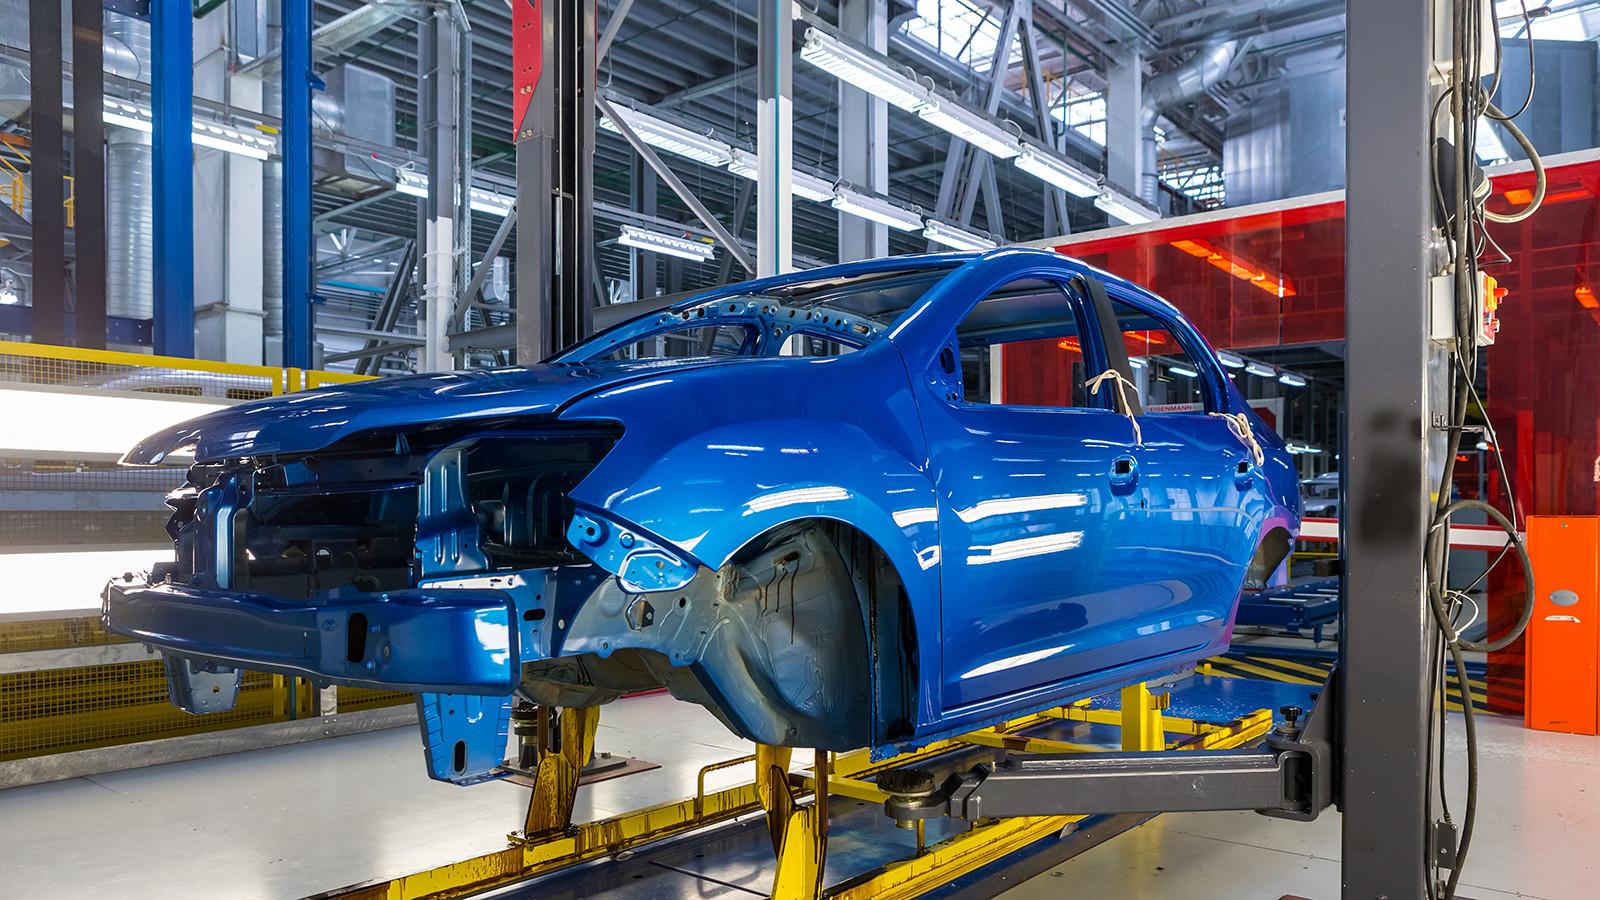 Рено реализовала в Российской Федерации 1,5 млн авто с1998 года